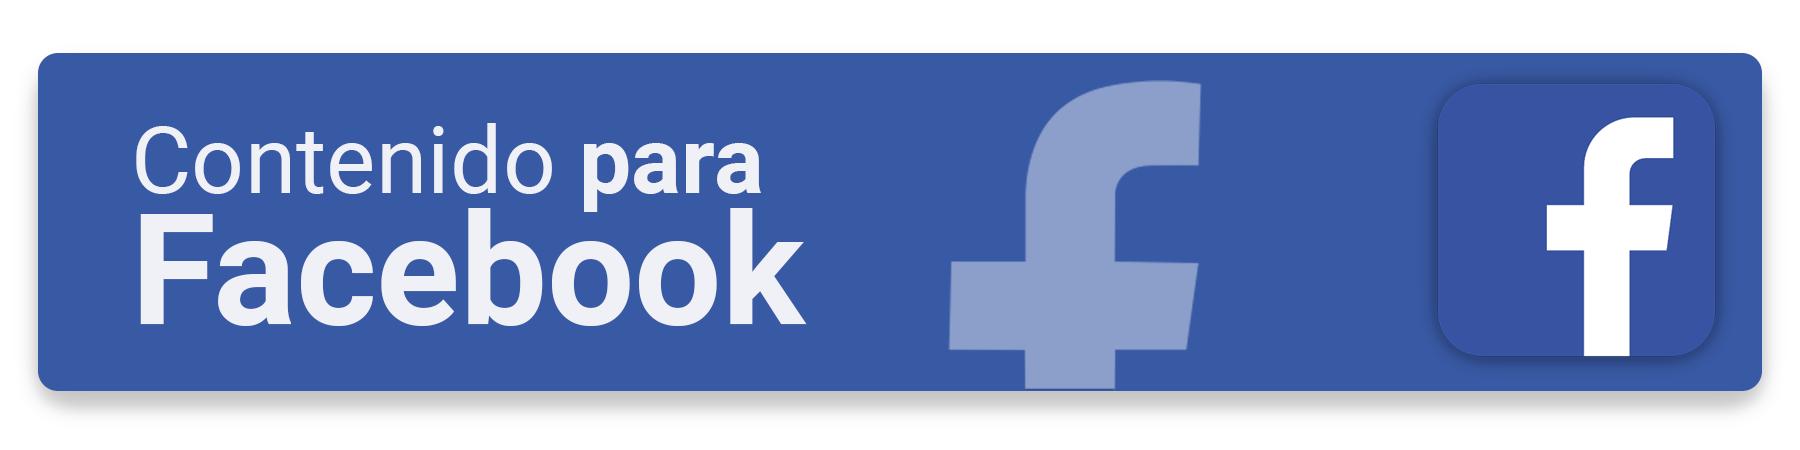 contenido-para-facebook